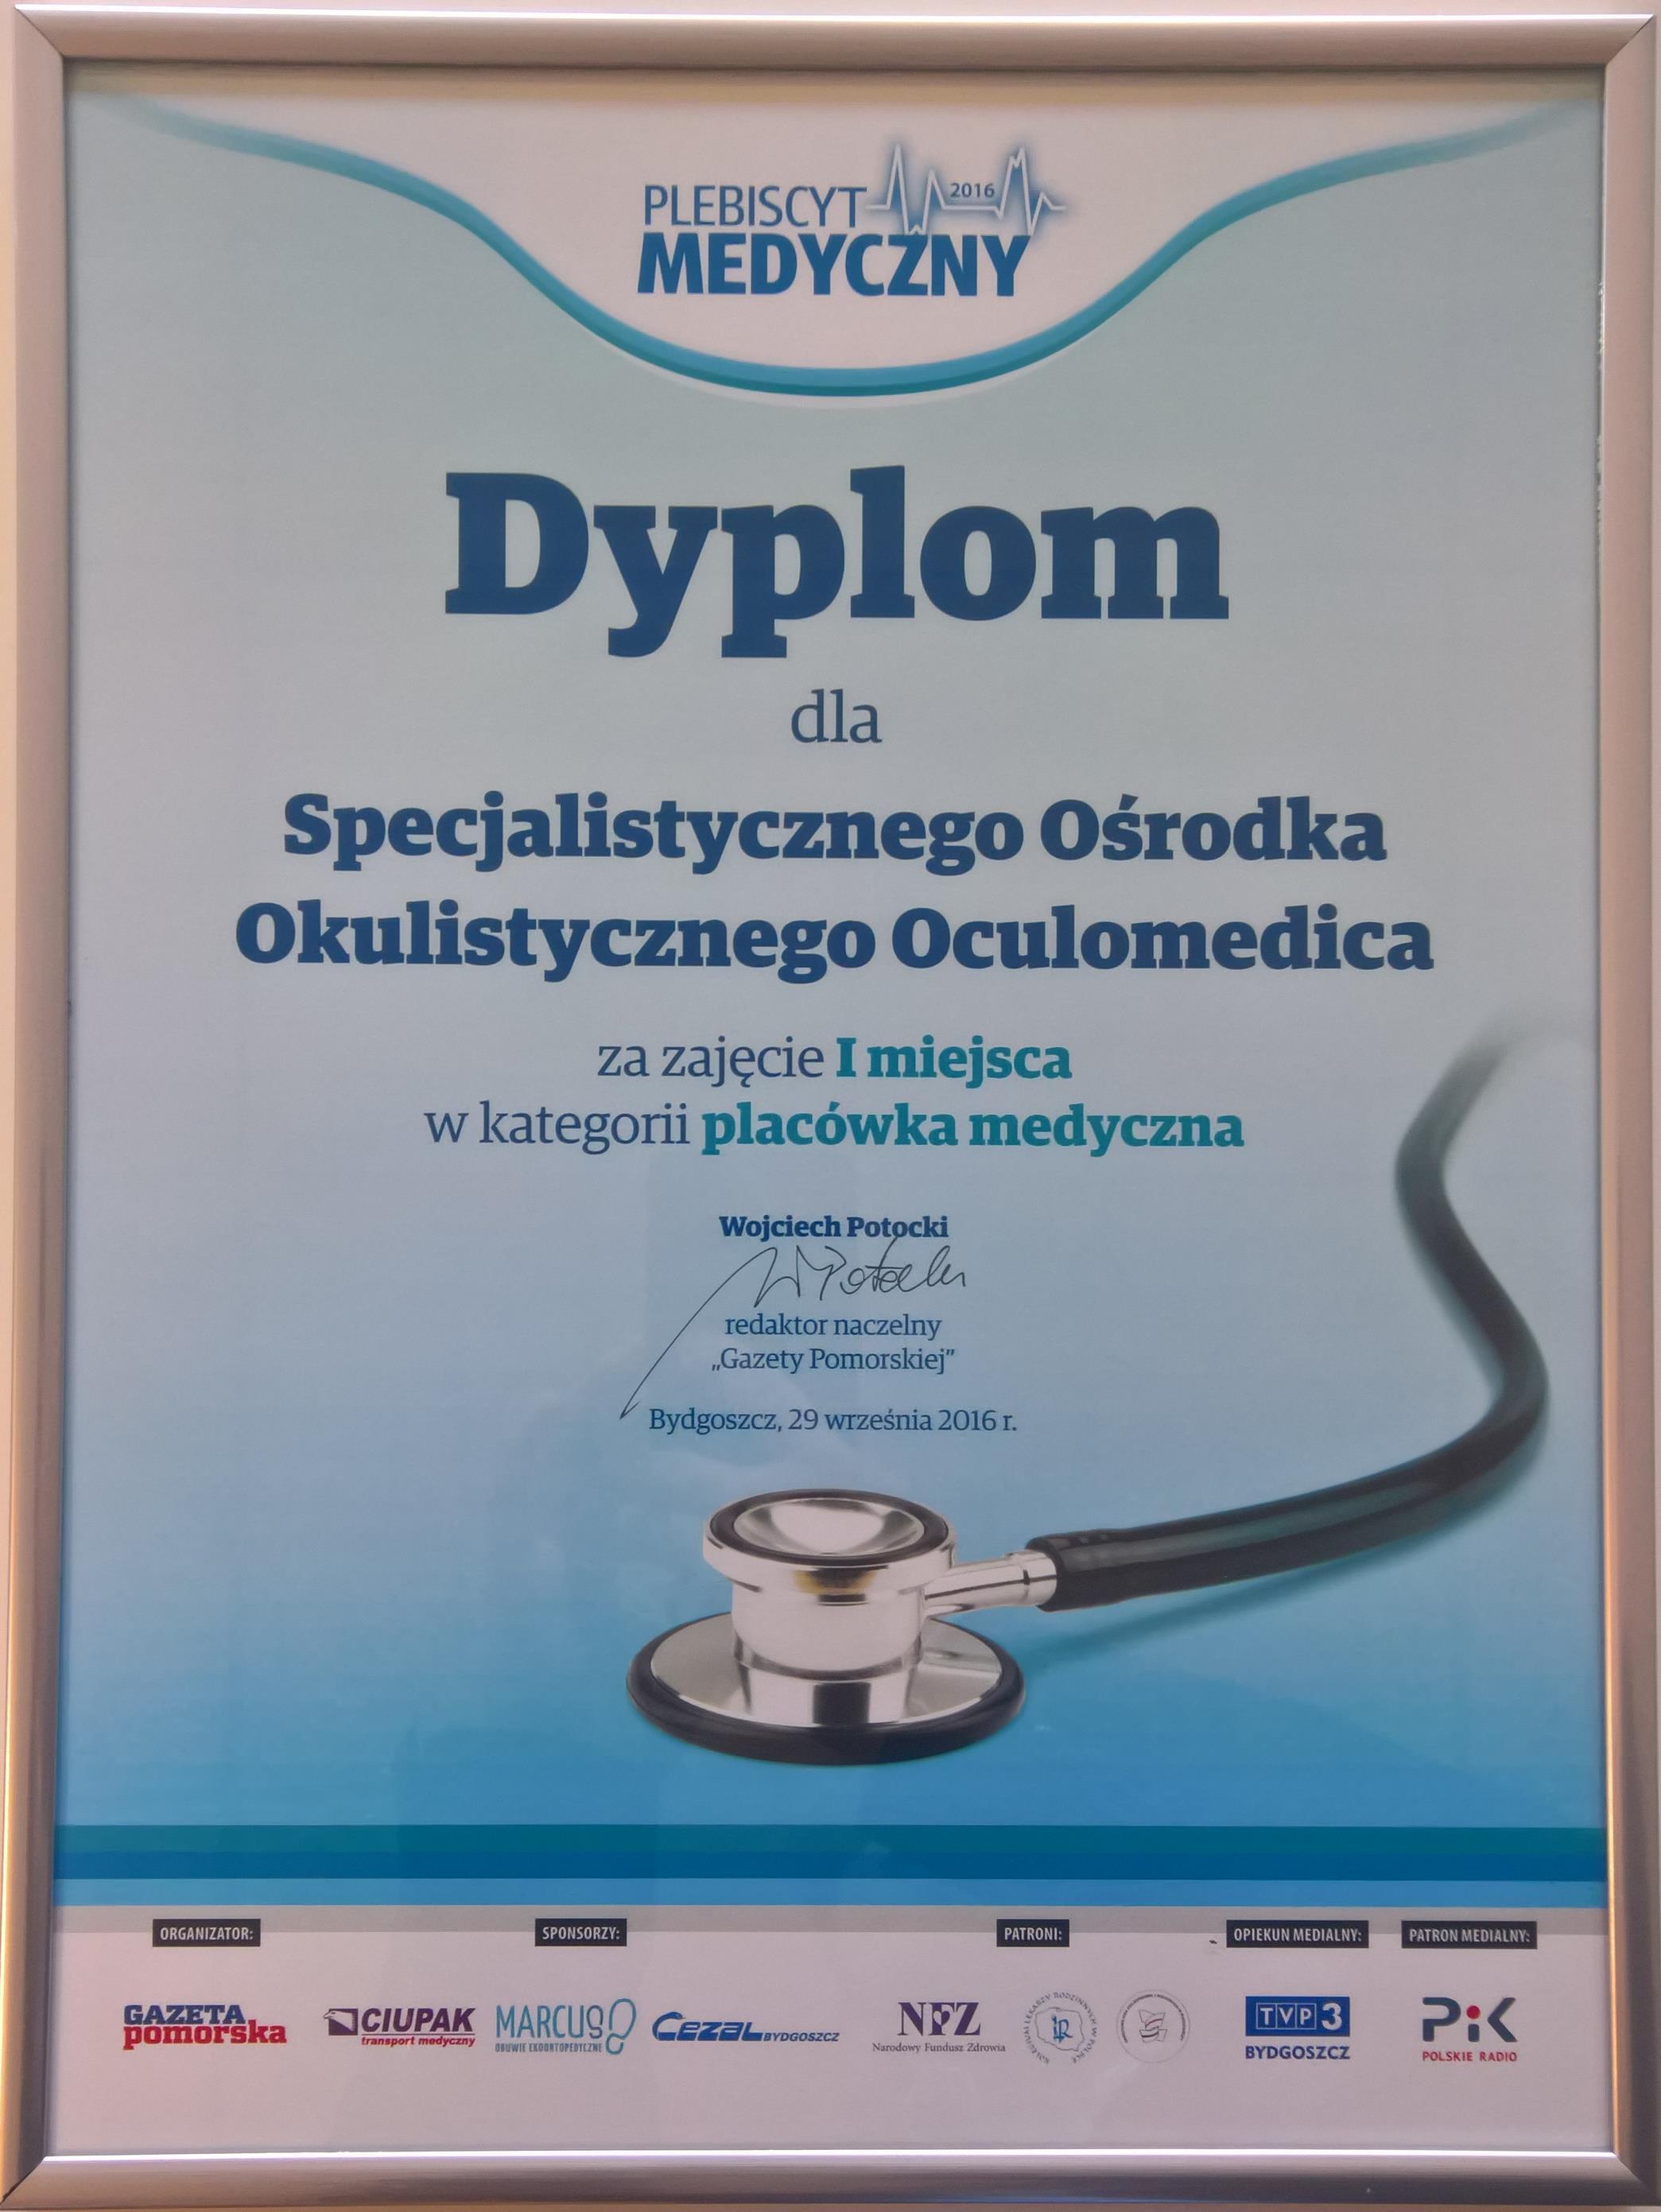 Oculomedica - Pierwsze miejsce